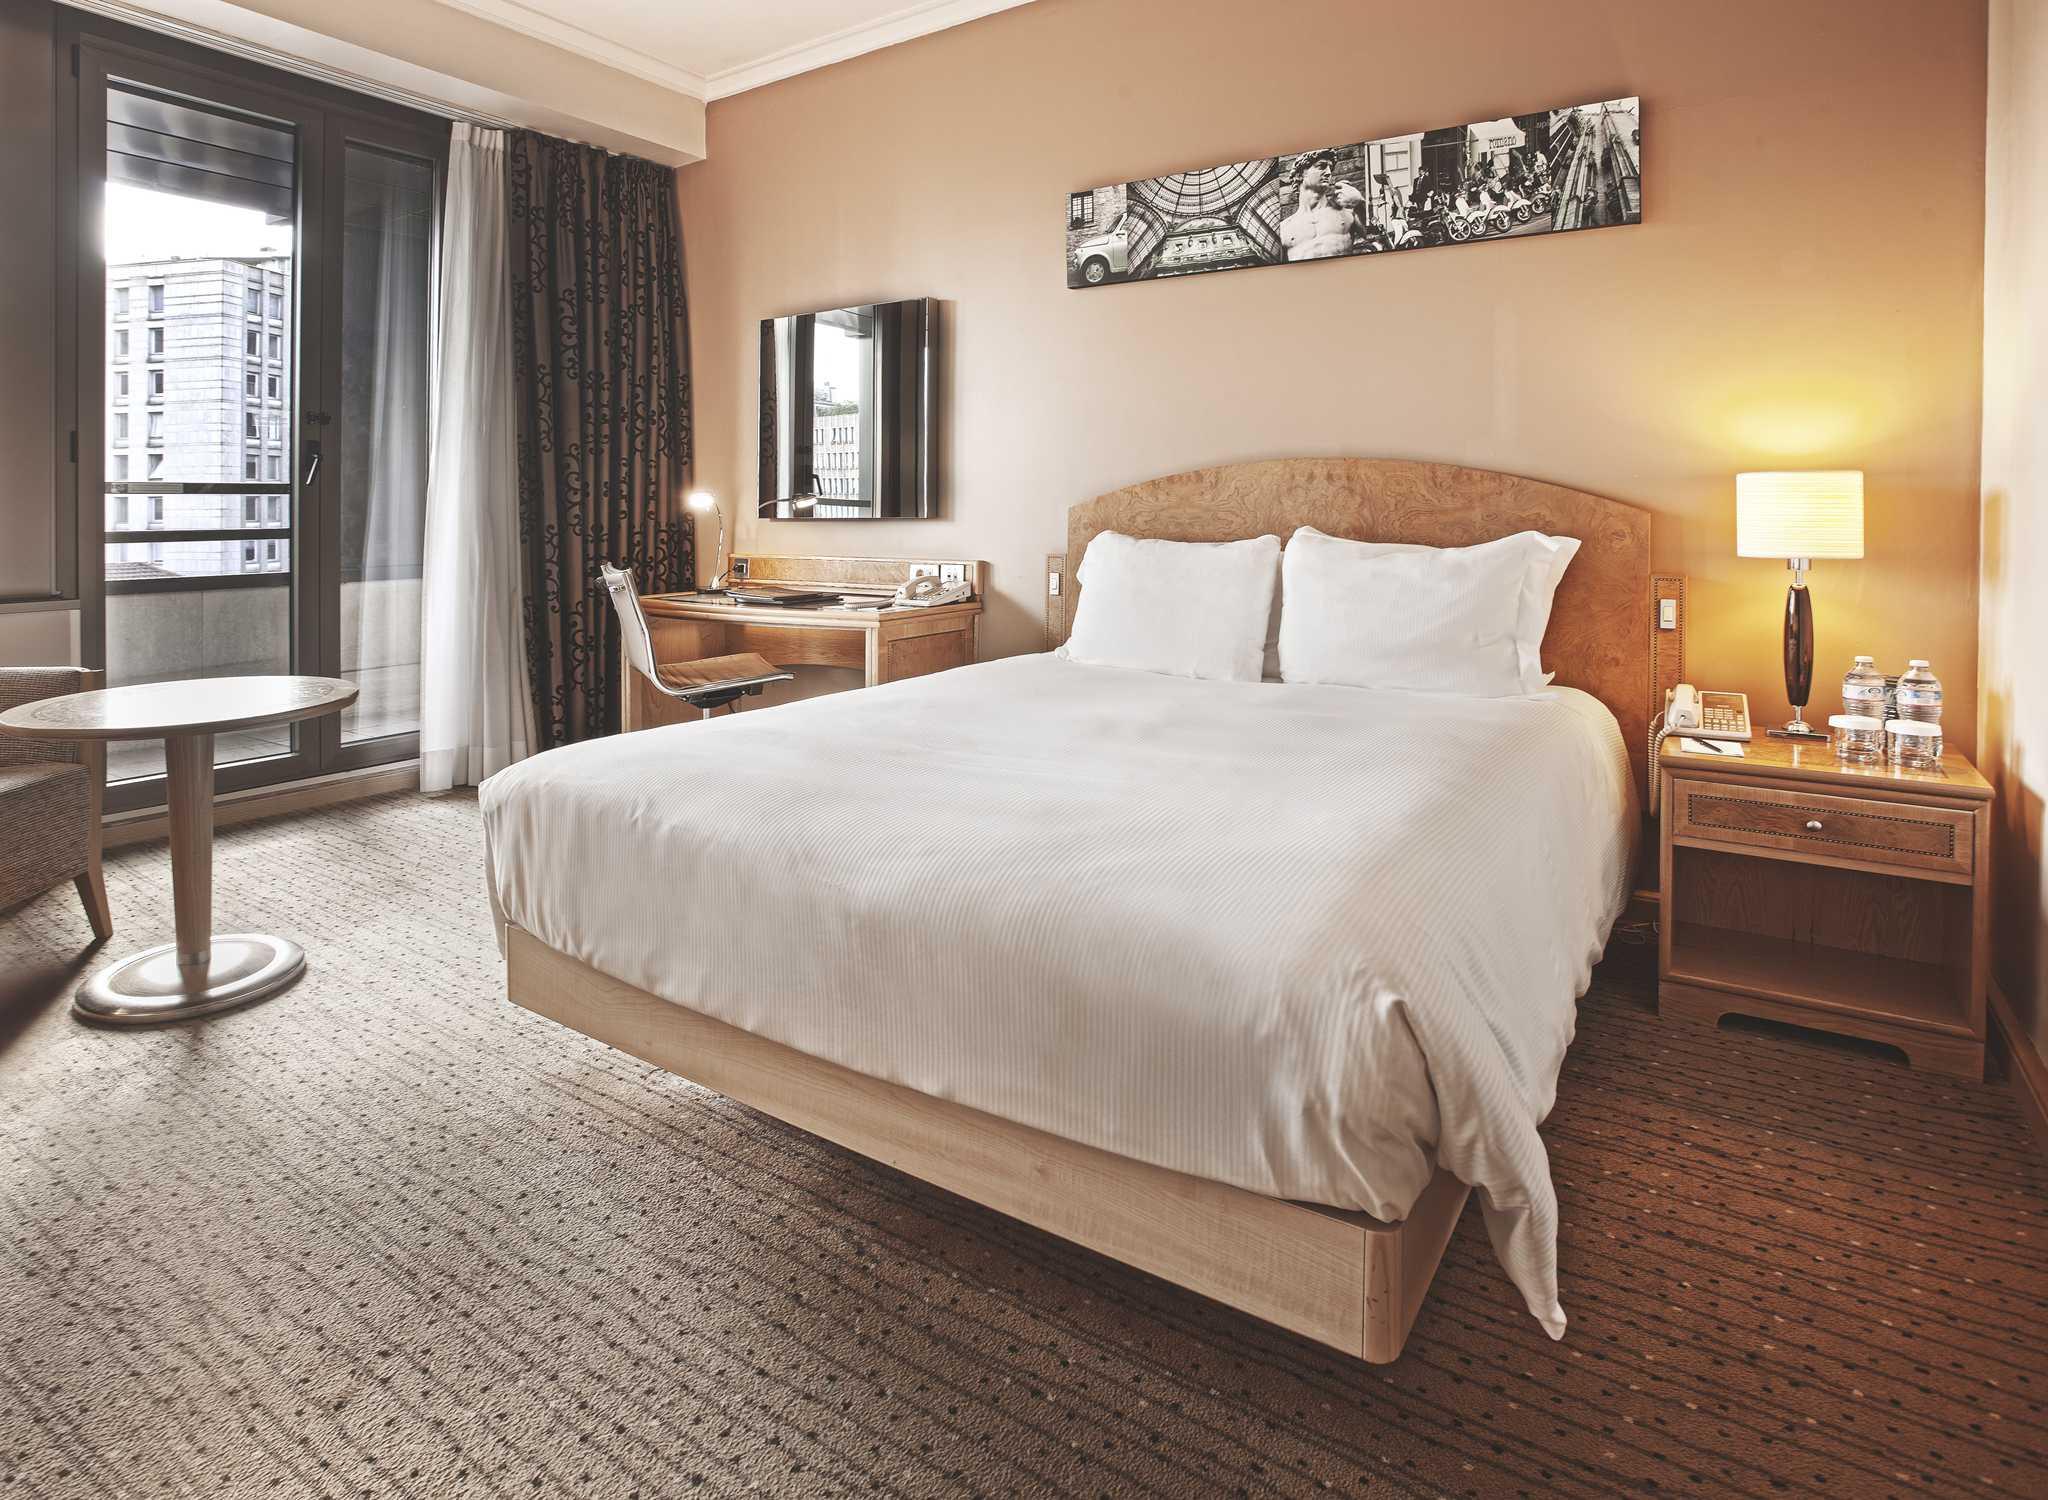 Cheap hotel hilton milan italia camera executive con letto - Dimensioni letto queen size ...